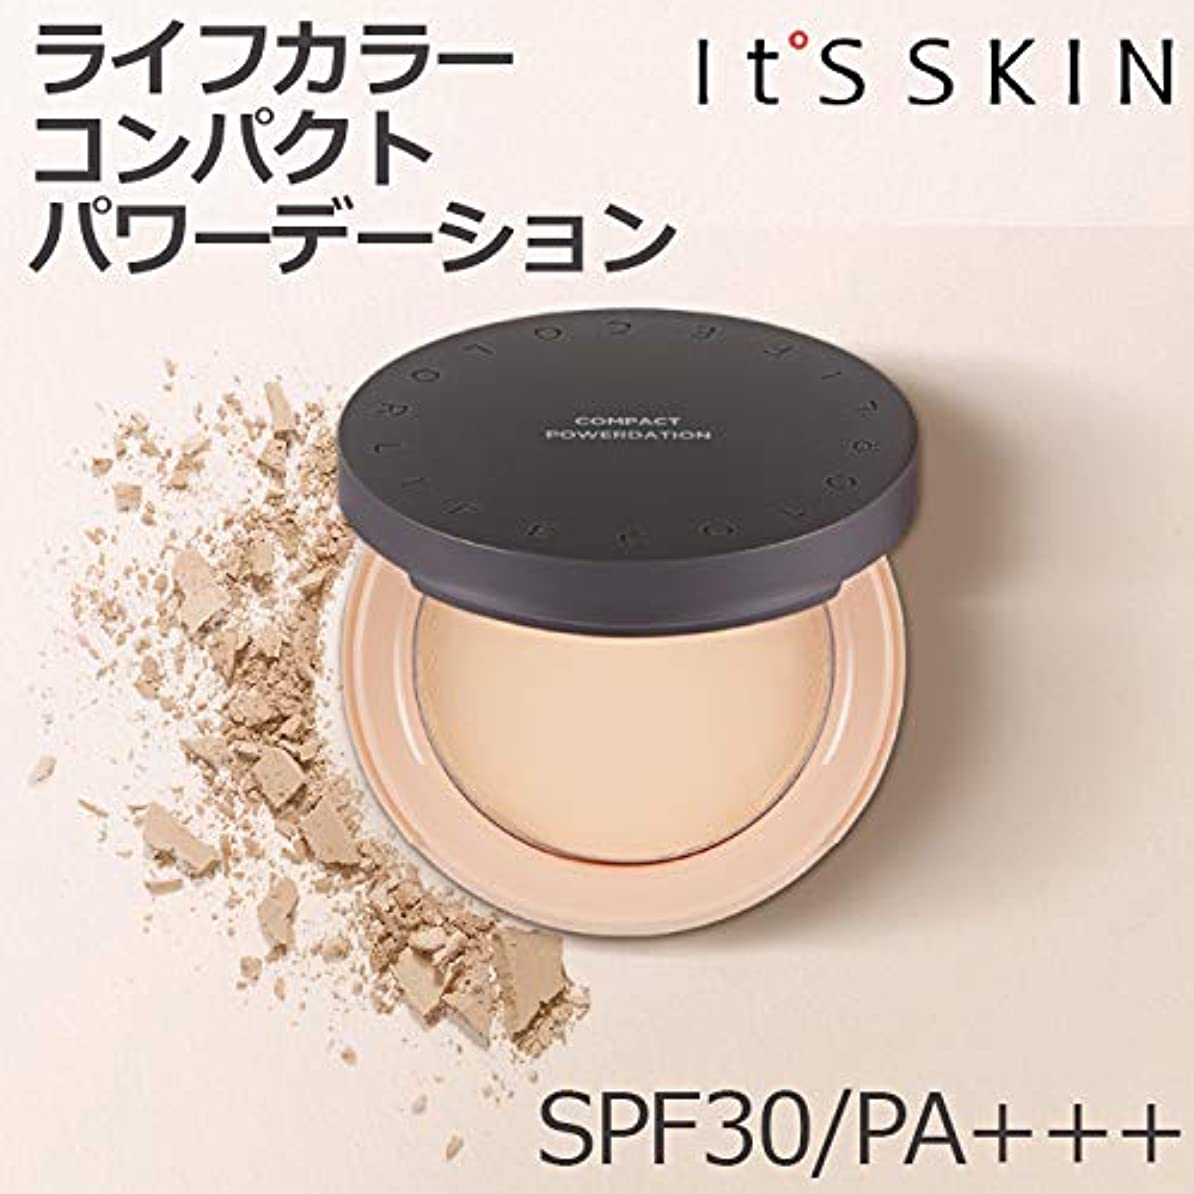 Its skin イッツスキン ライフ カラー コンパクト パワー デーション 13g (2カラー 選択1) 23号 メディウム,パウダー